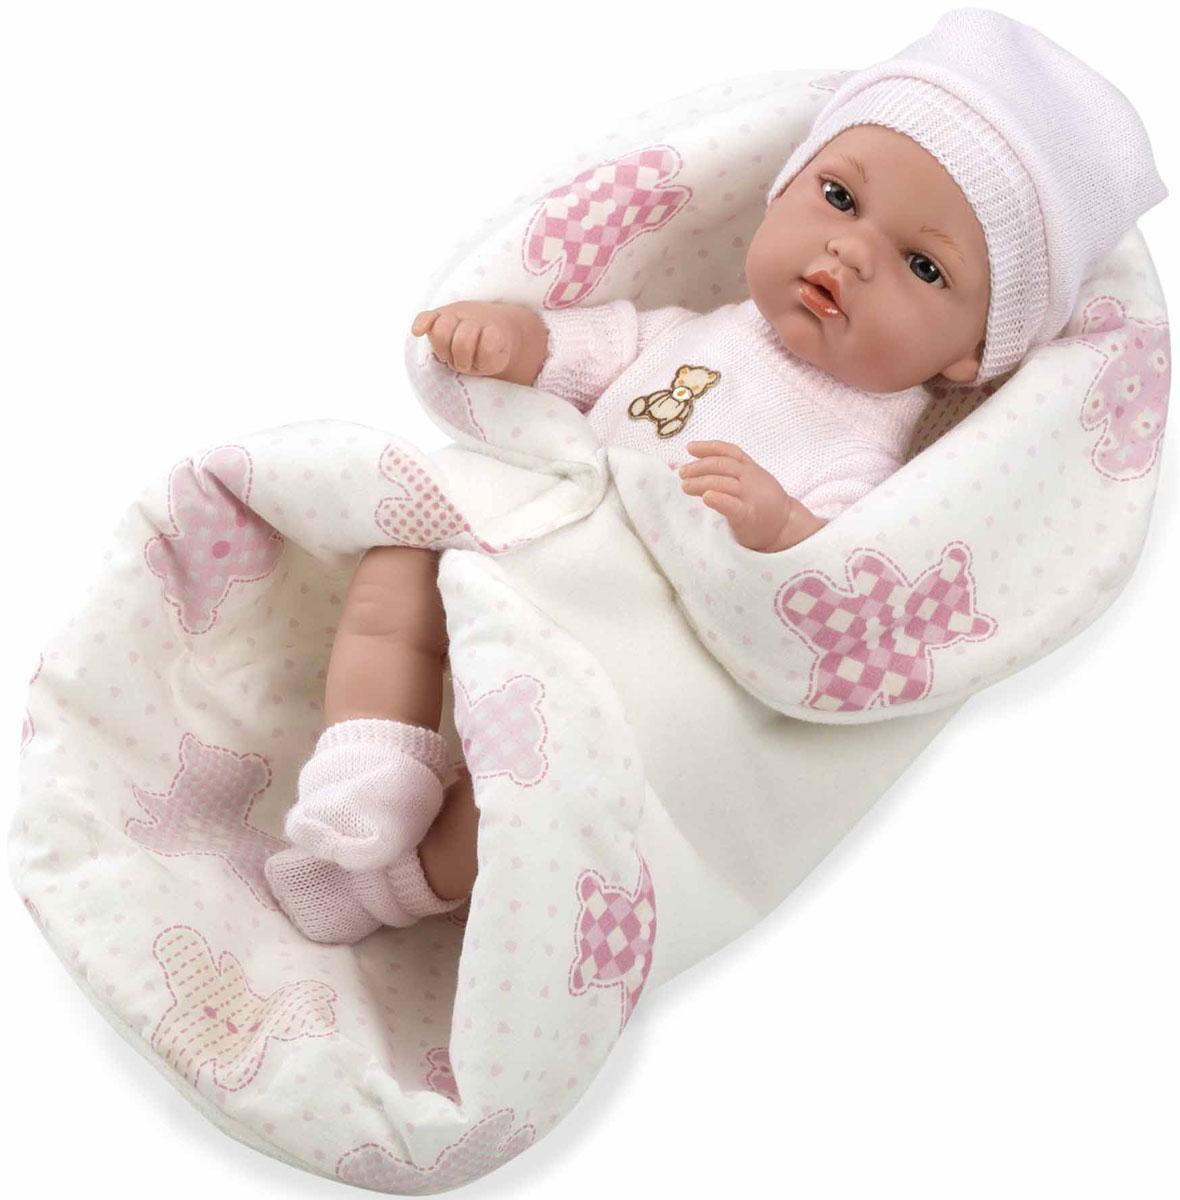 Arias Пупс Elegance цвет конверта розовый Т11089 - Куклы и аксессуары